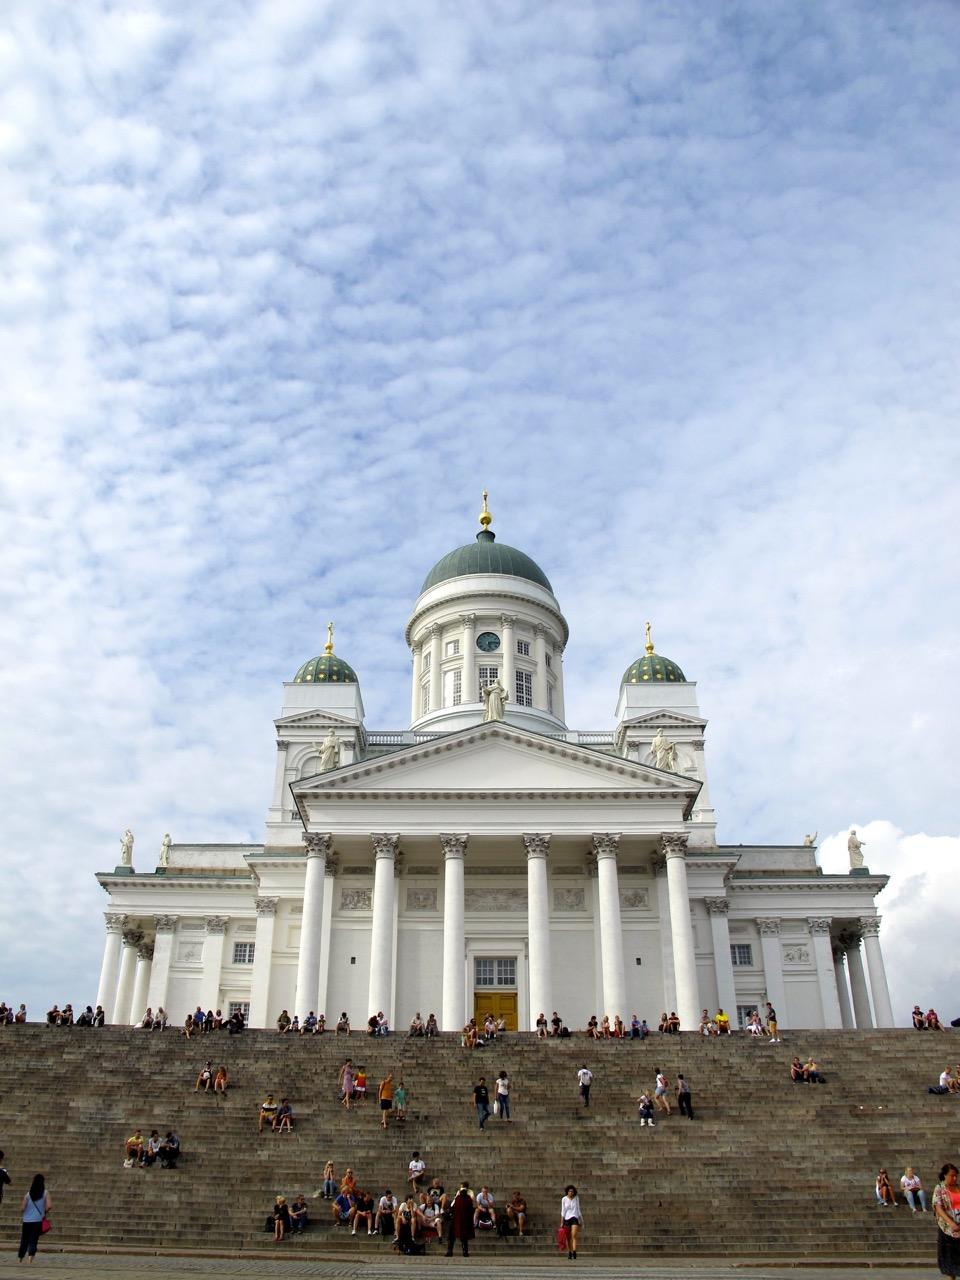 Von allen Helsinki Sehenswürdigkeiten sicher das meist fotografierte, Der Dom von Helsinki.